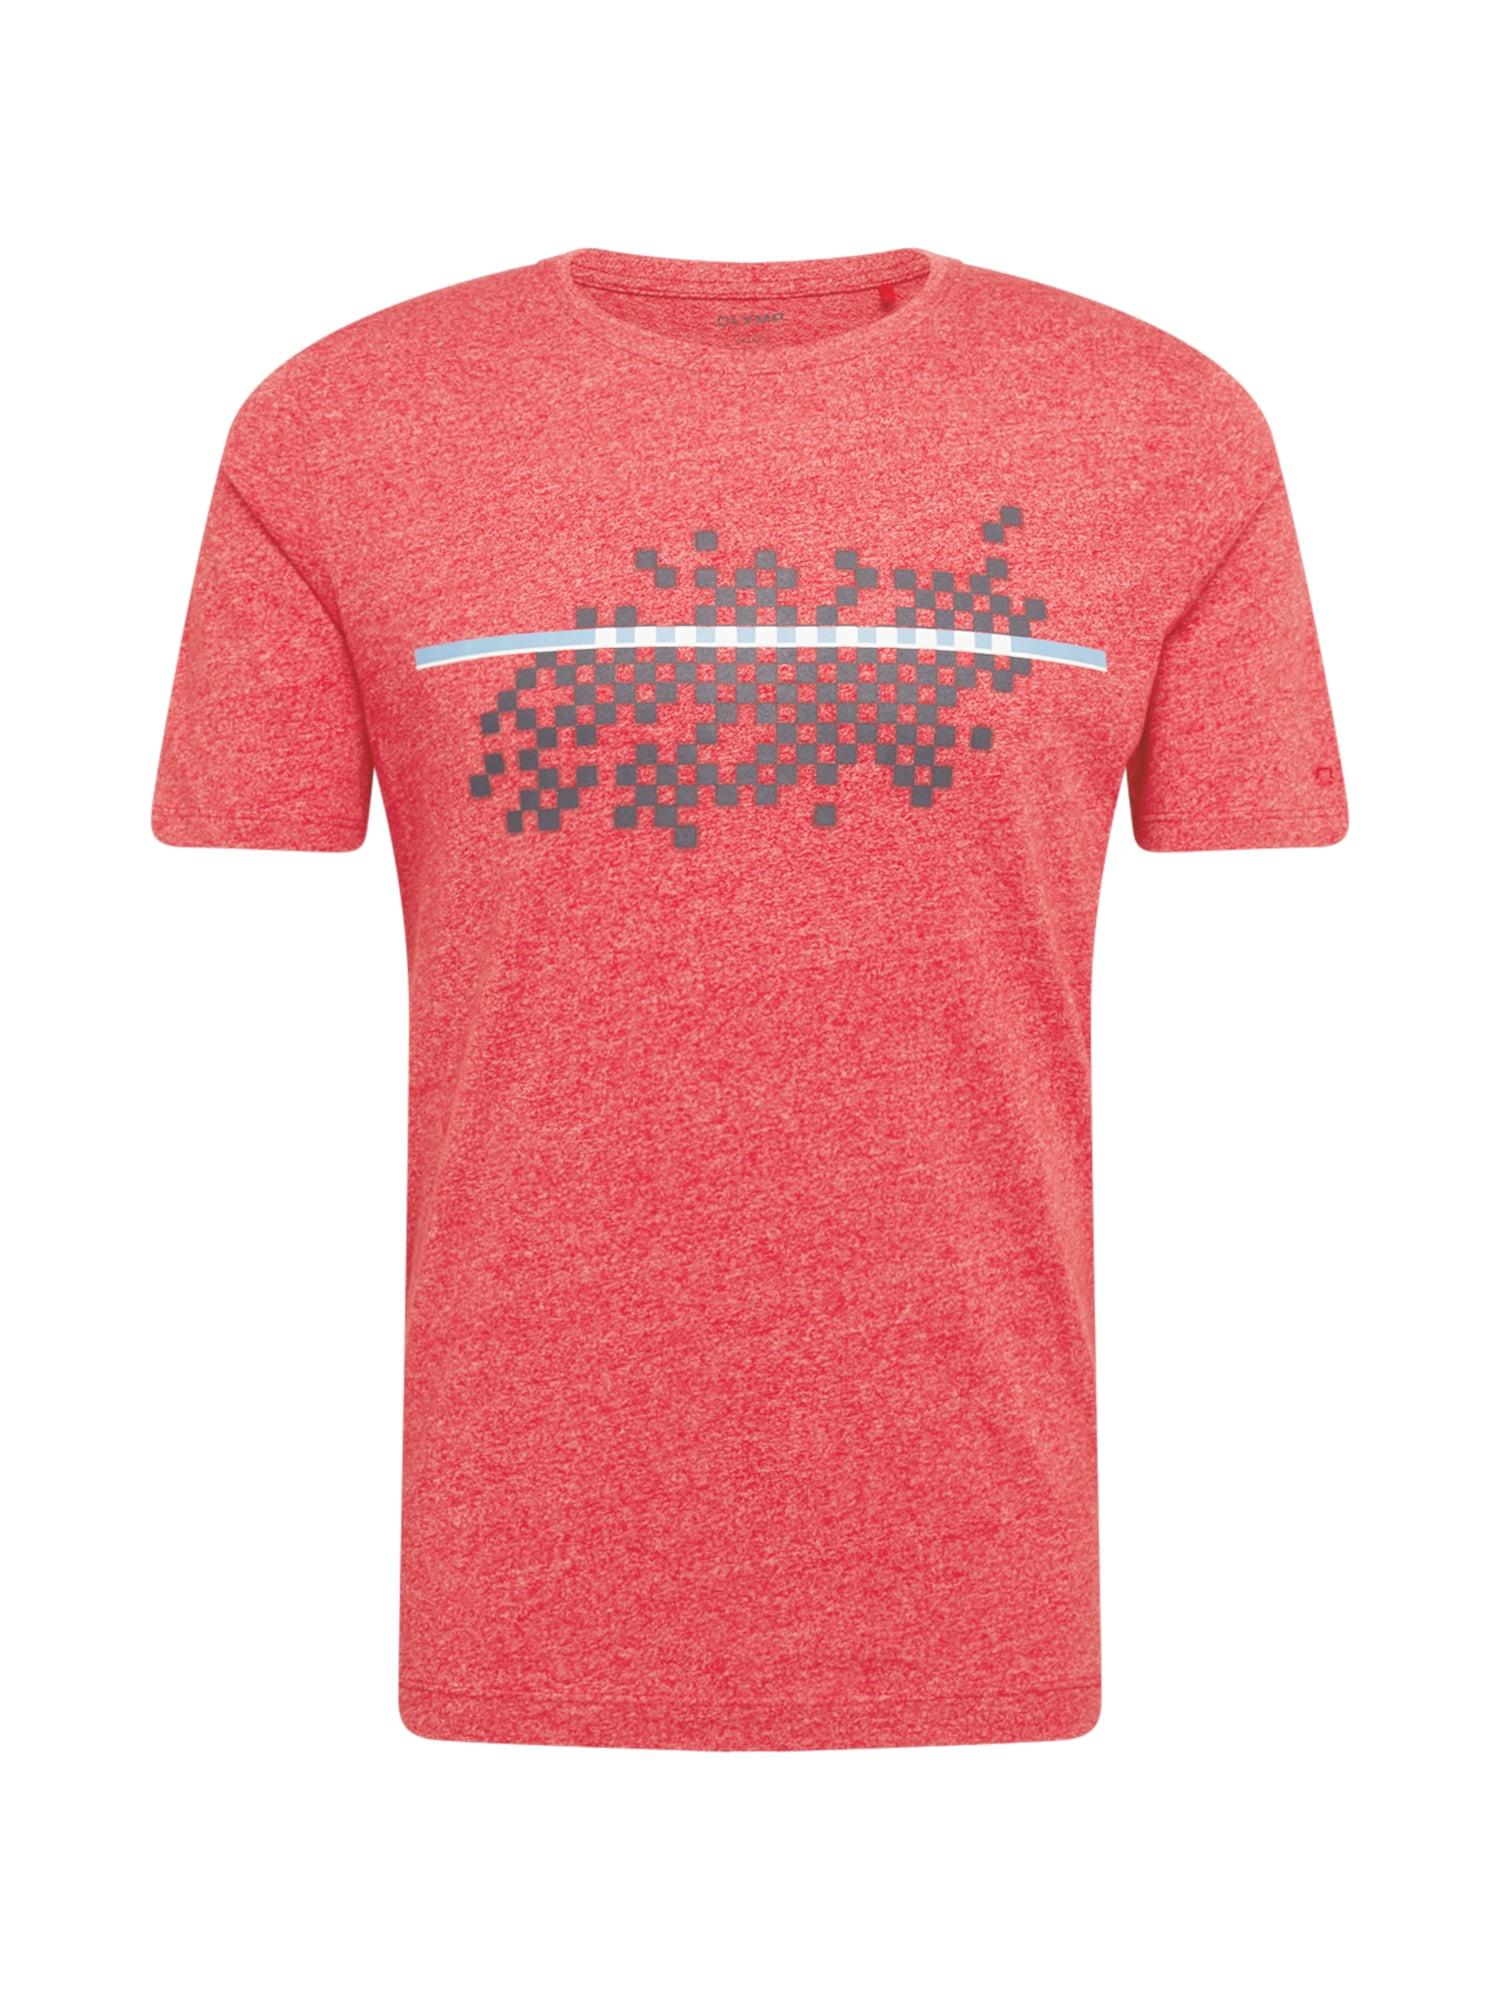 OLYMP Marškinėliai margai raudona / margai balta / šviesiai mėlyna / tamsiai pilka